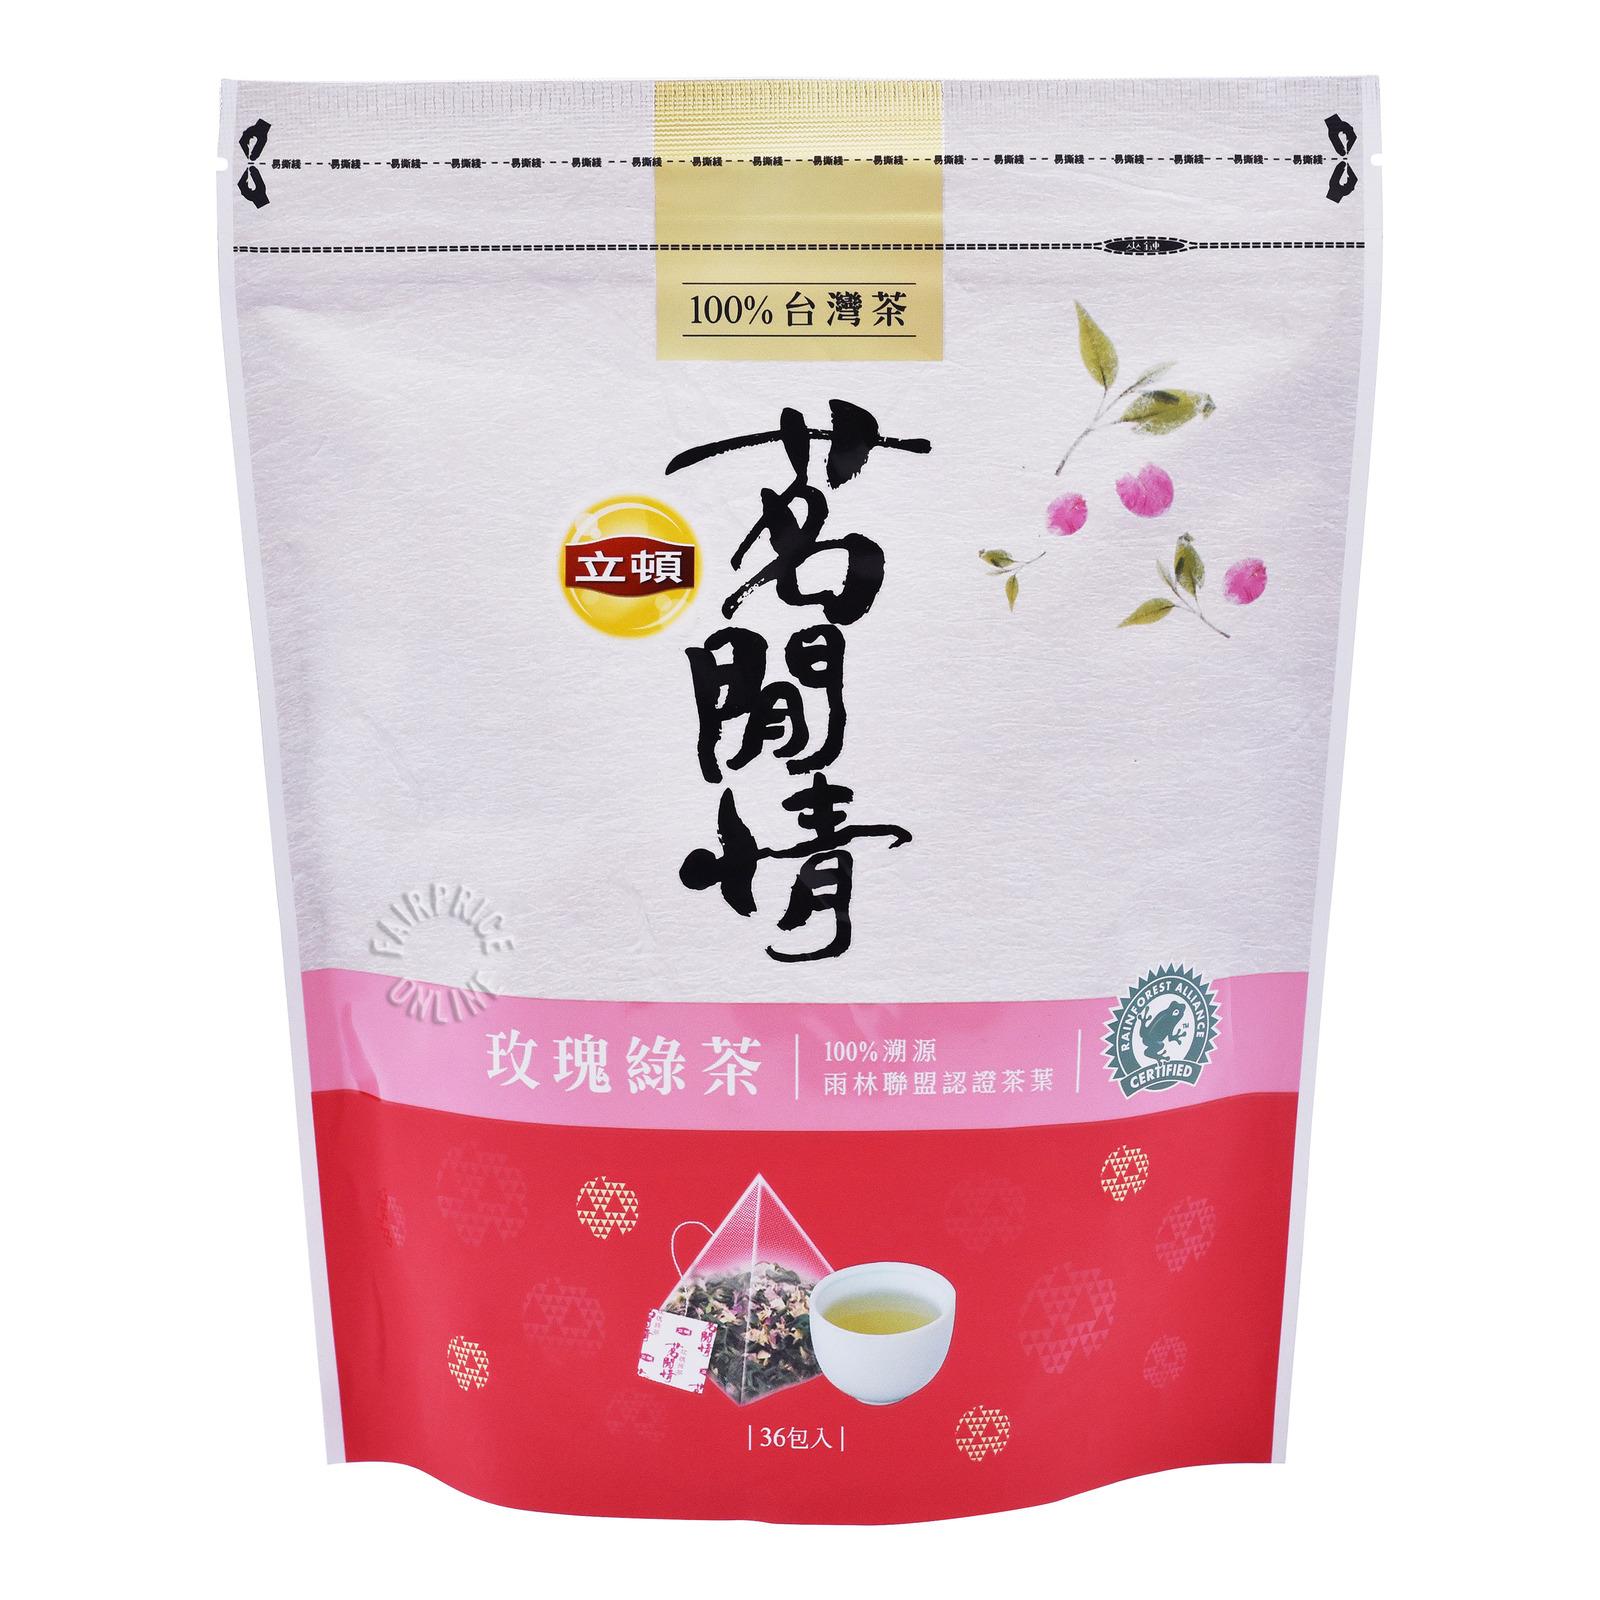 Lipton Ming Xian Qing Tea Bags - Rose Green Tea